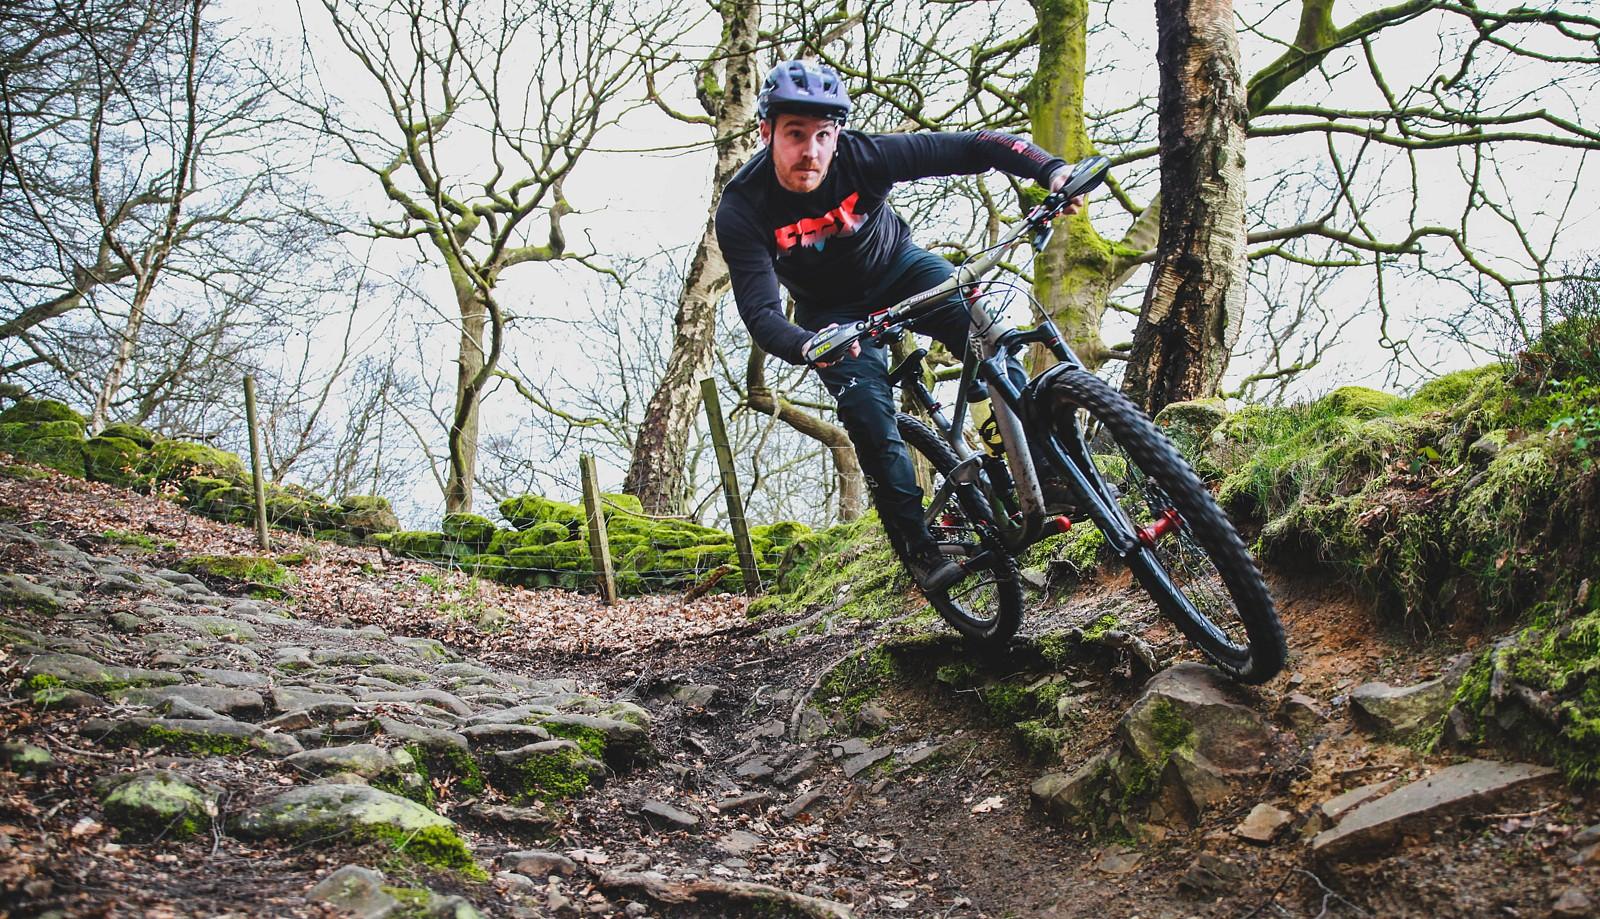 IMG 0595 - Mushrum - Mountain Biking Pictures - Vital MTB